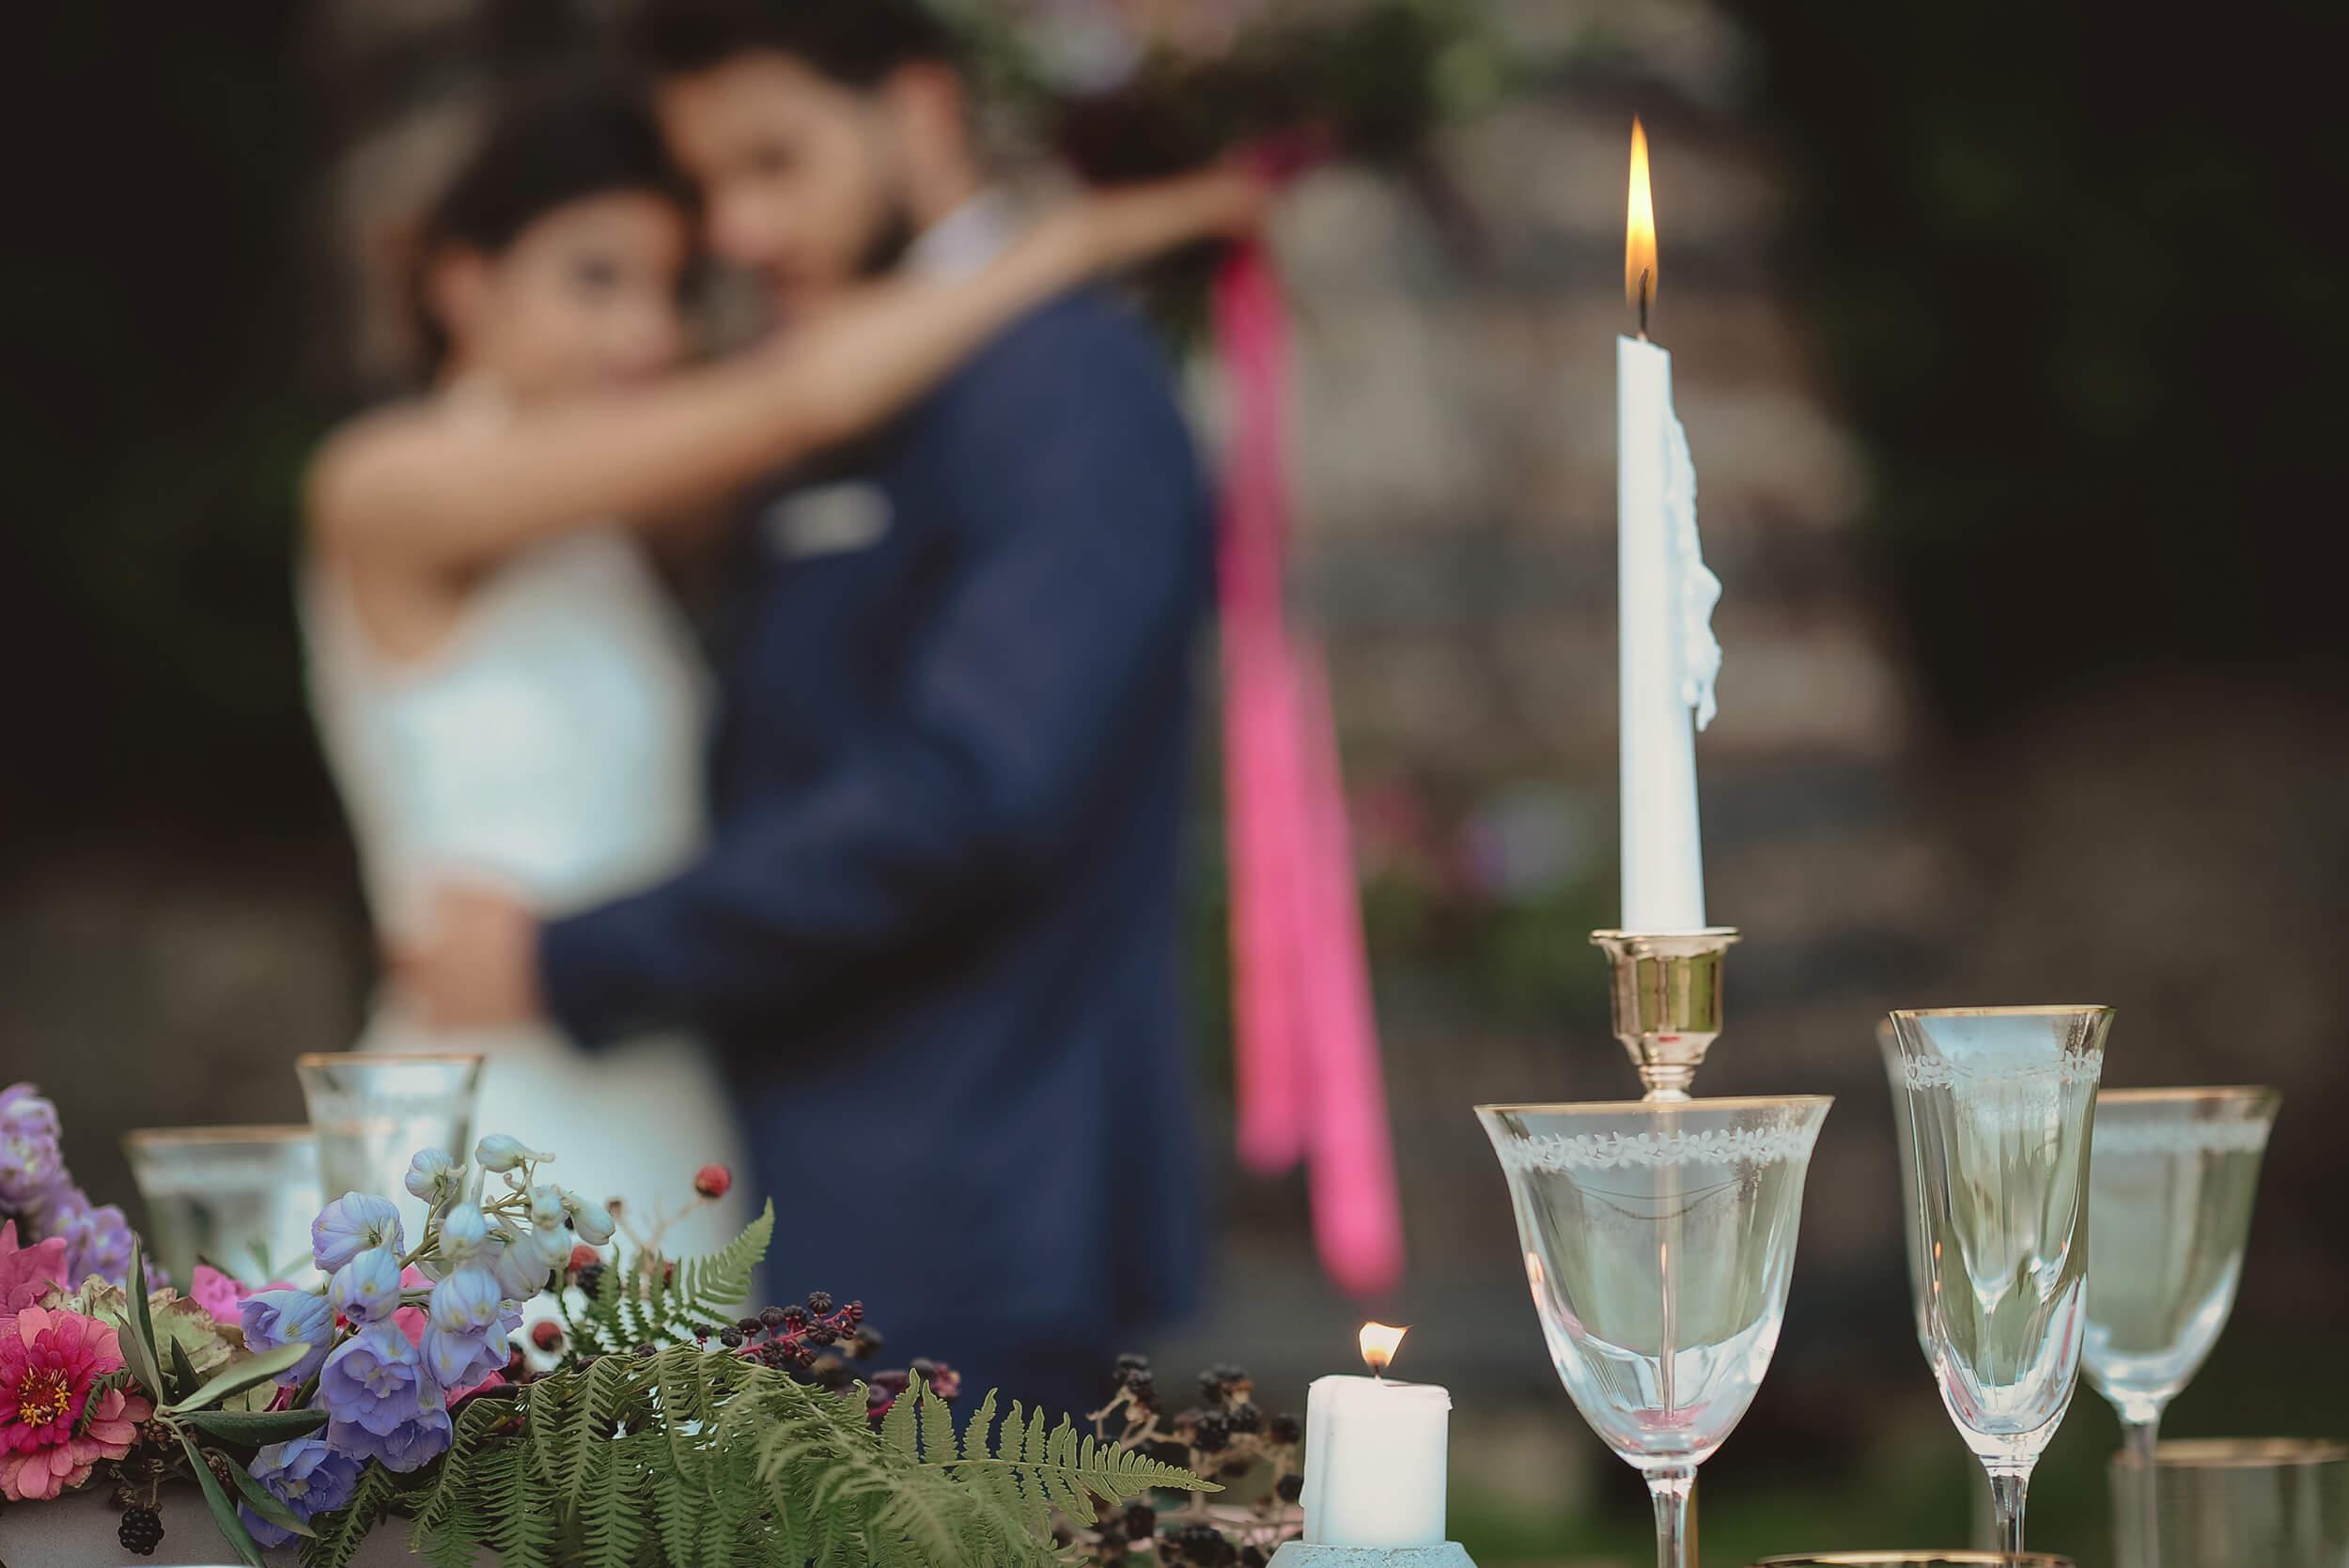 roma-organizacao-eventos-editorial-casamento-colorful-wedding-49